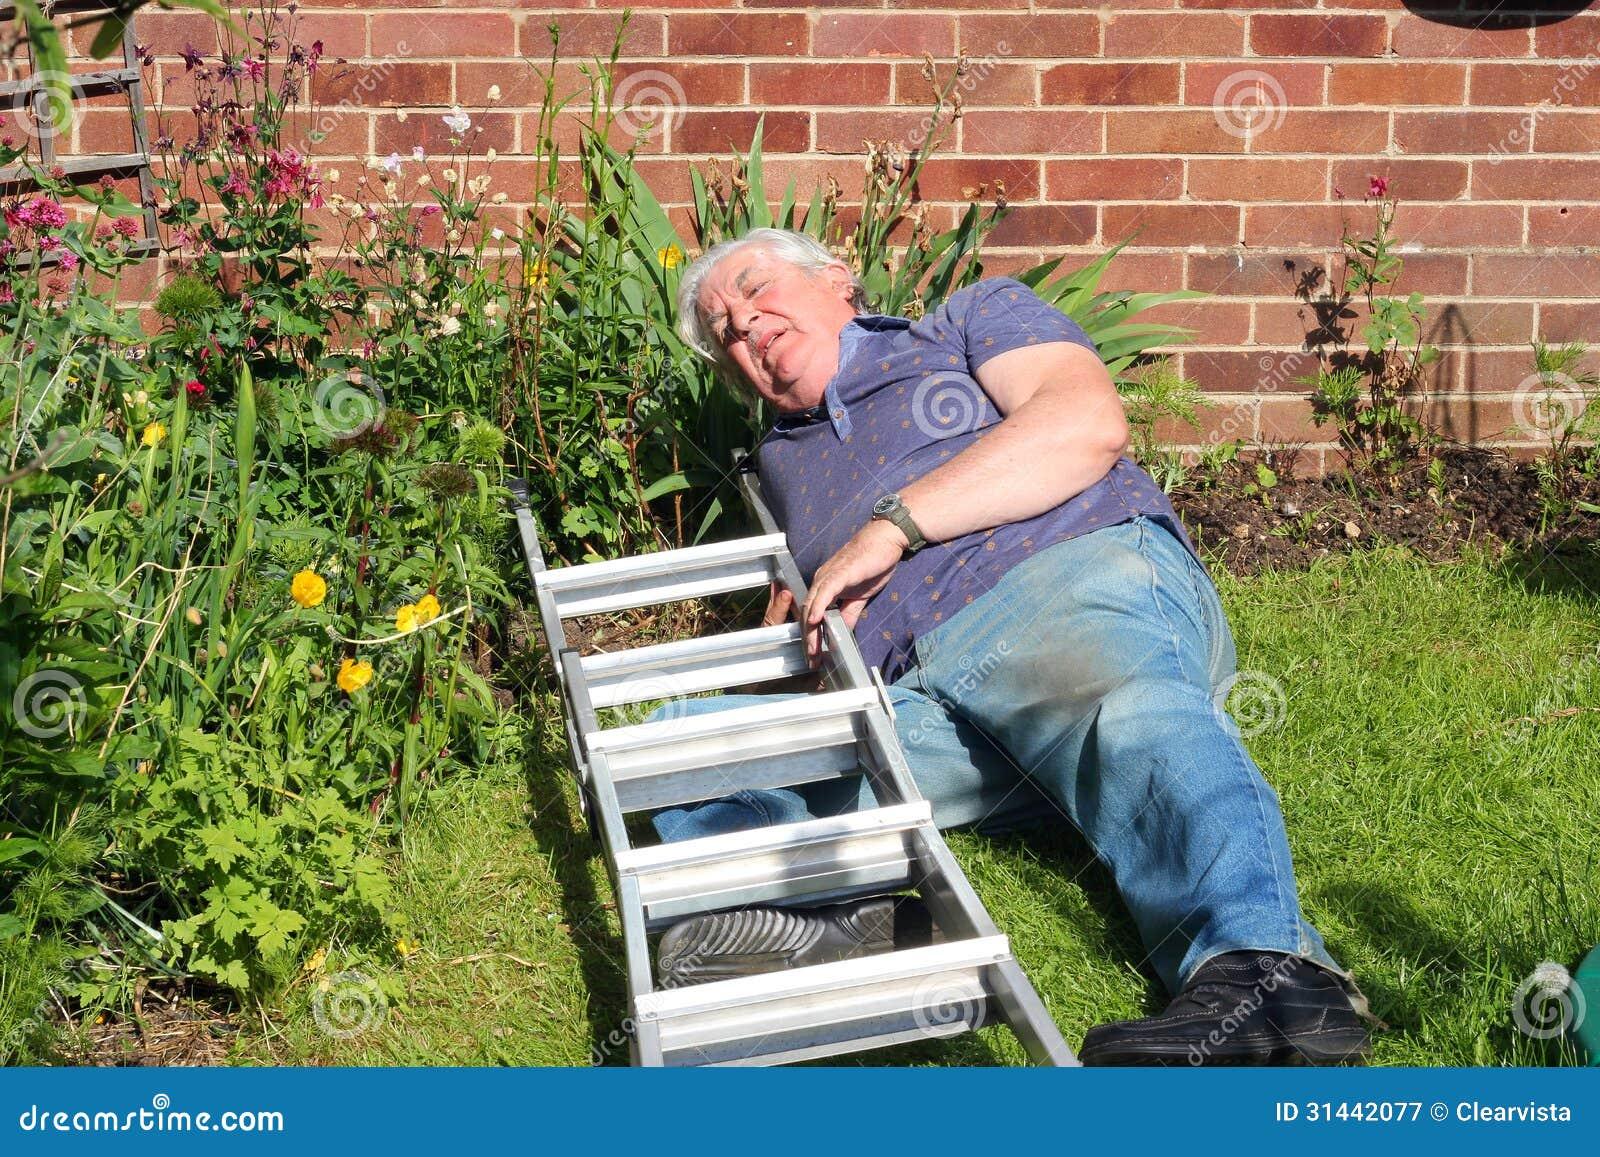 homme bless apr s chute d 39 une chelle image stock image du bless danger 31442077. Black Bedroom Furniture Sets. Home Design Ideas